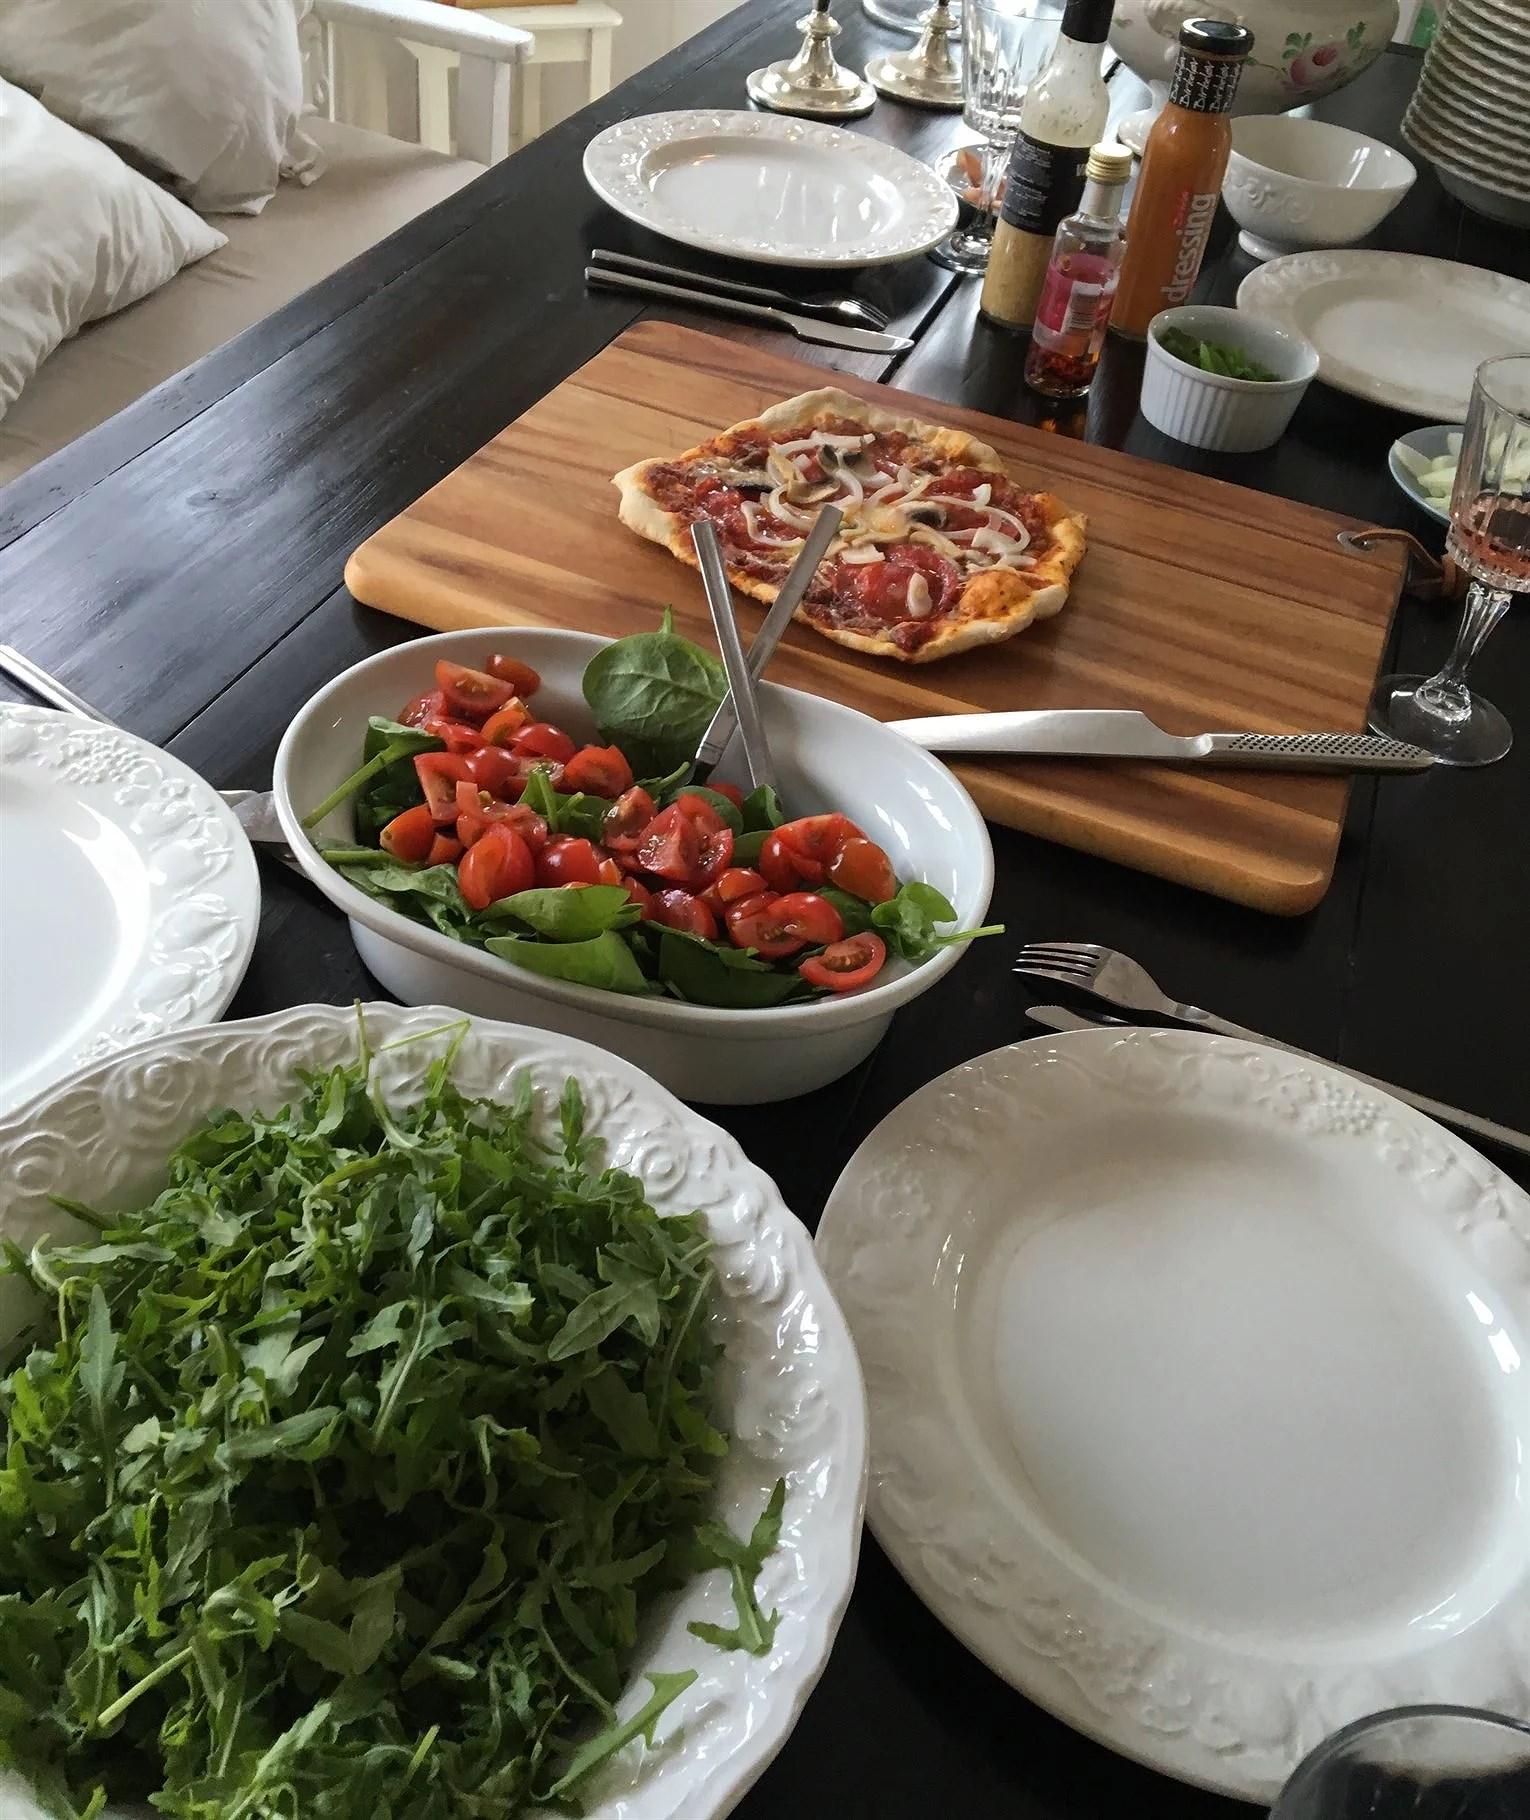 (U)SUND TORSDAG: Hjemmelavet pizza på grill